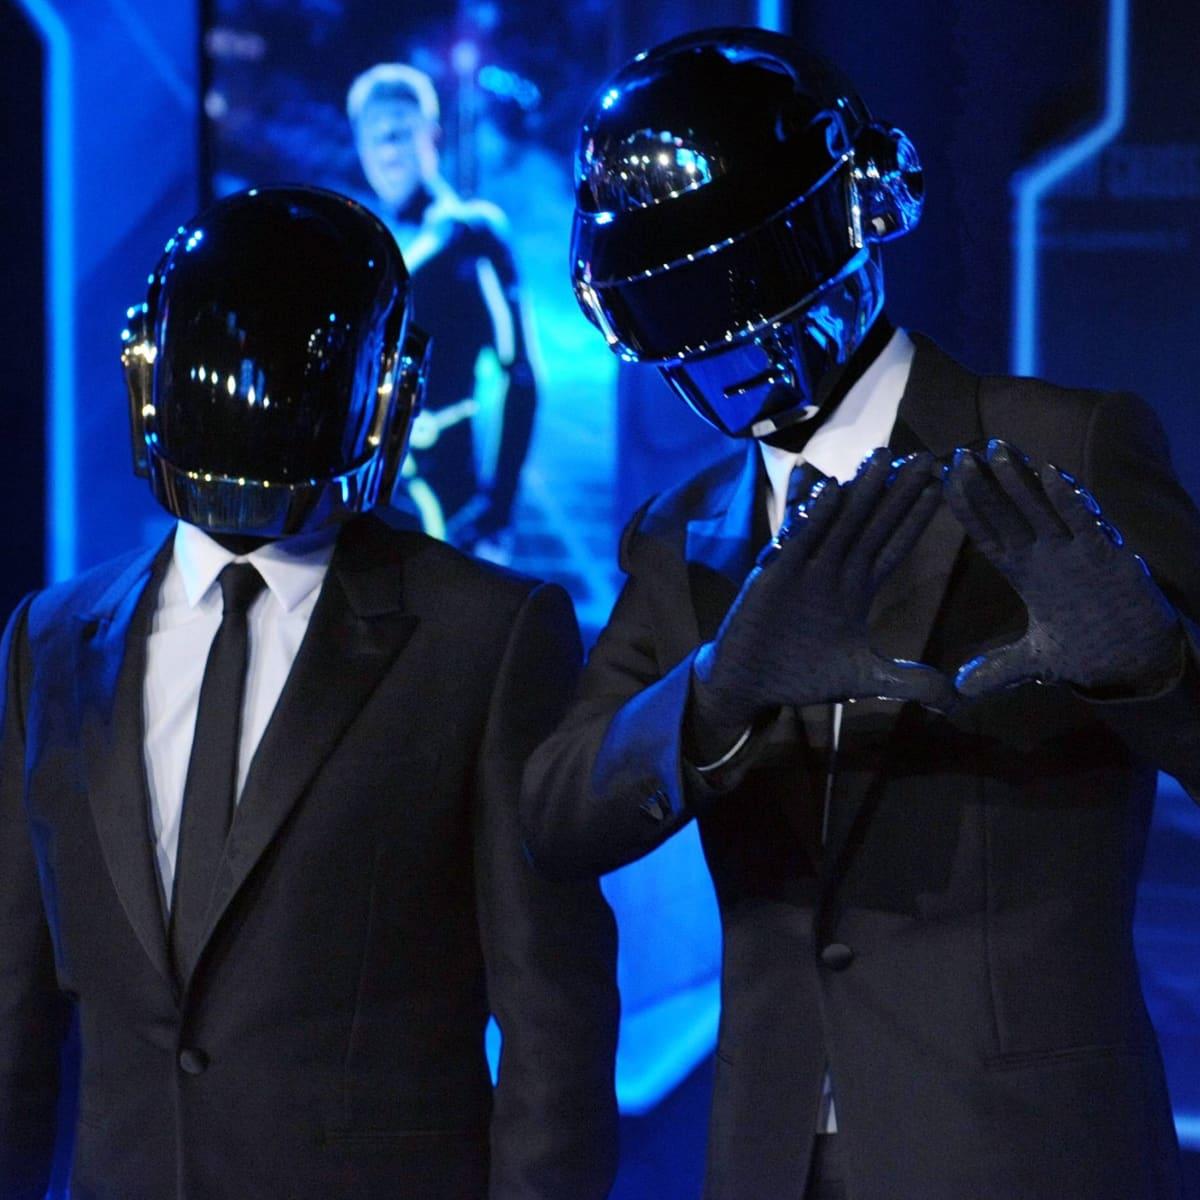 El dúo francés Daft Punk se separa definitivamente